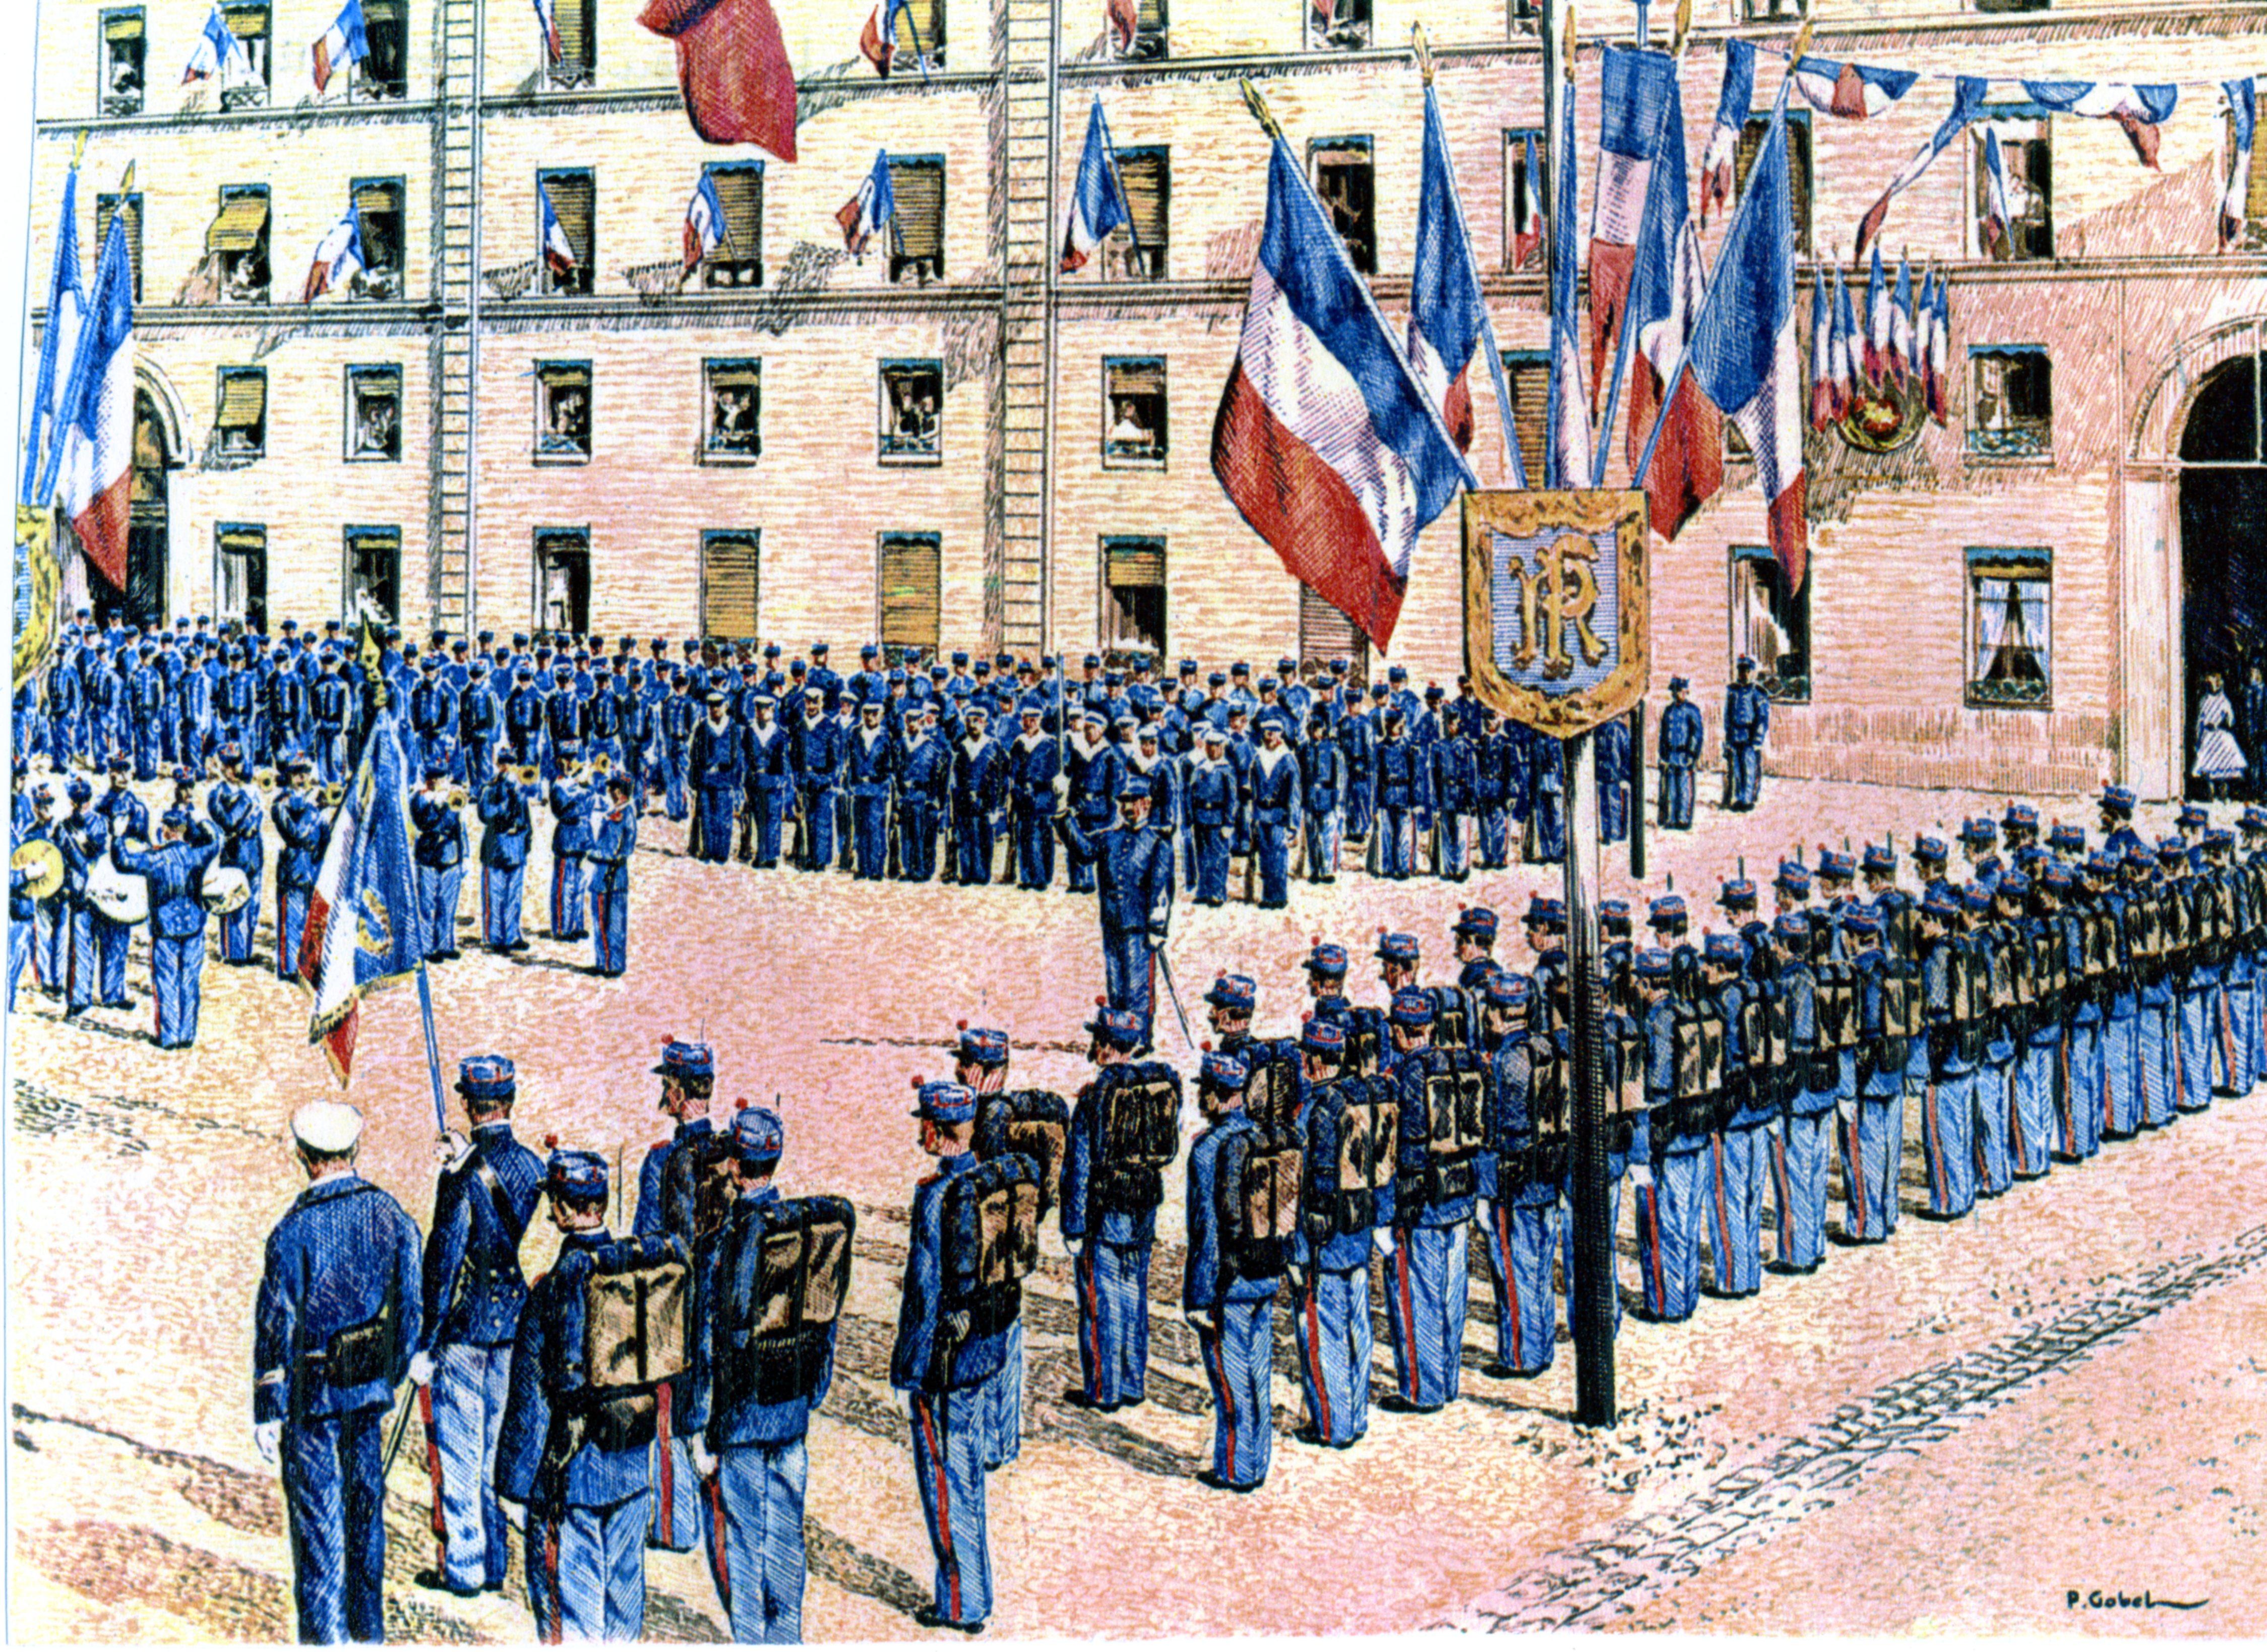 Cérémonie à la caserne, début du XXe siècle tableau de Gobel d'après une carte postale.